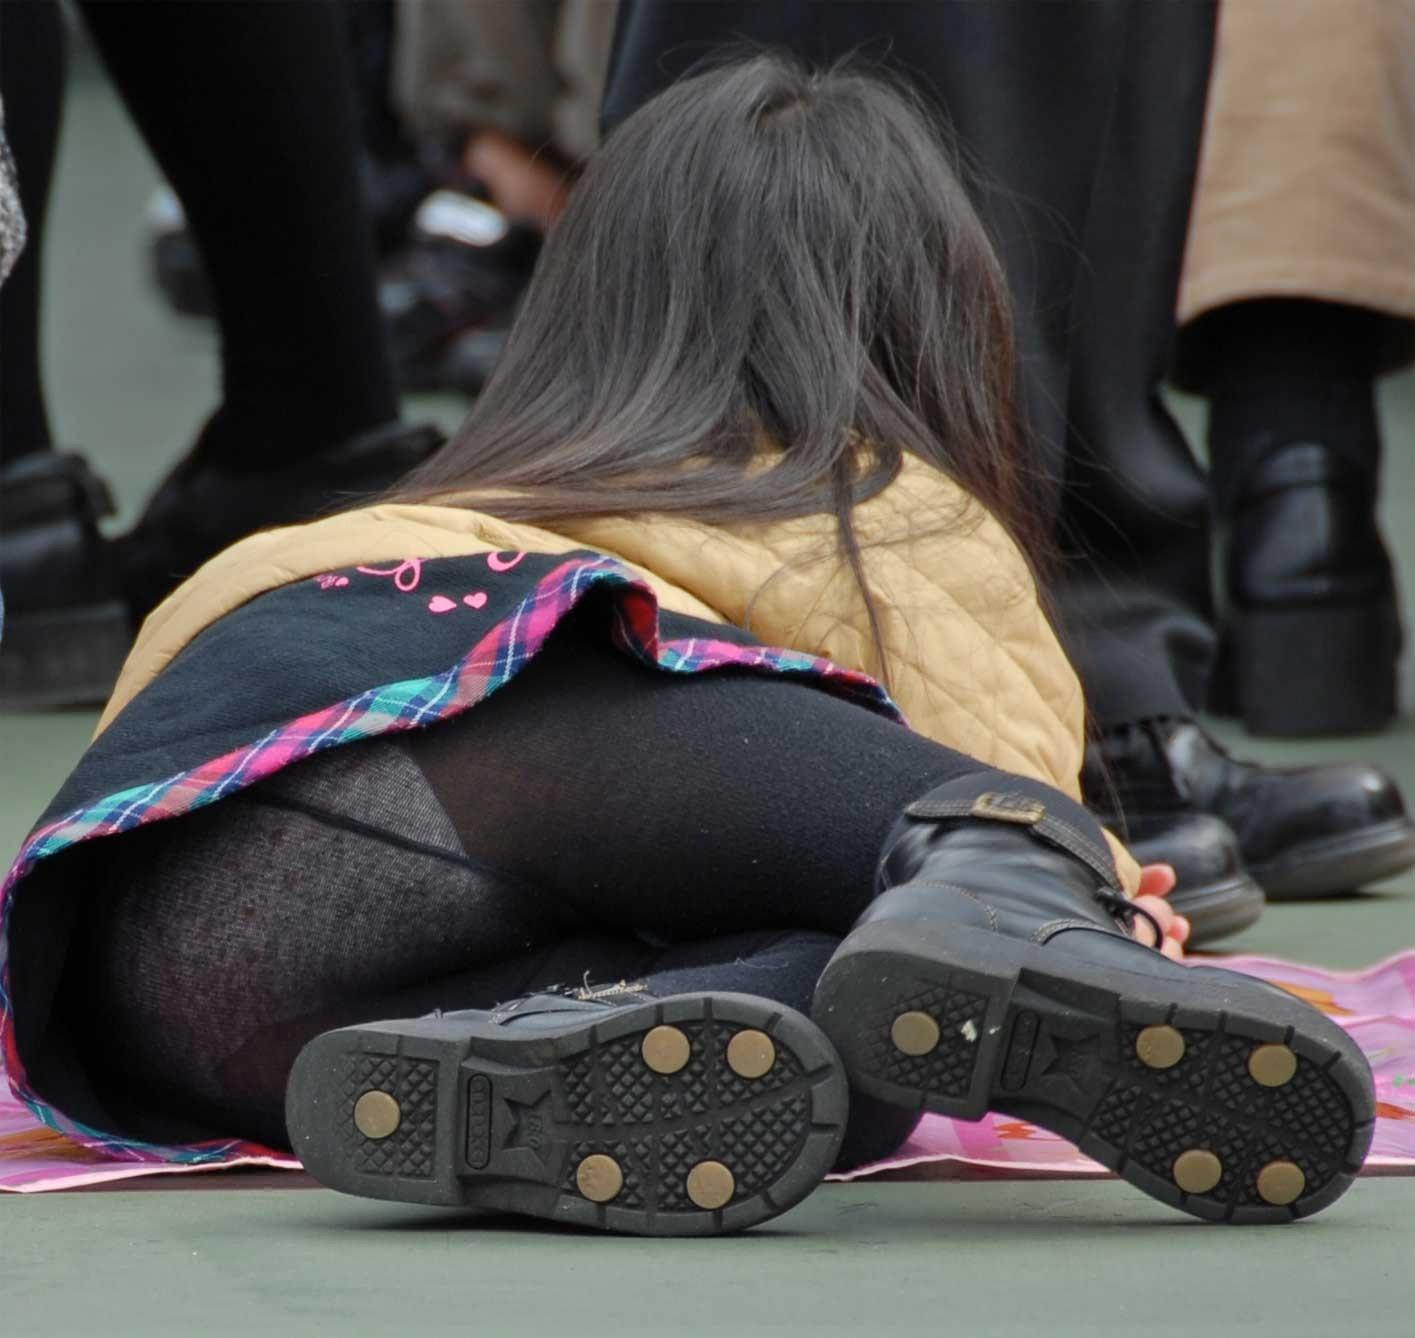 ストッキングを履く女の子について熱く語ろう。 TEC8nZ1